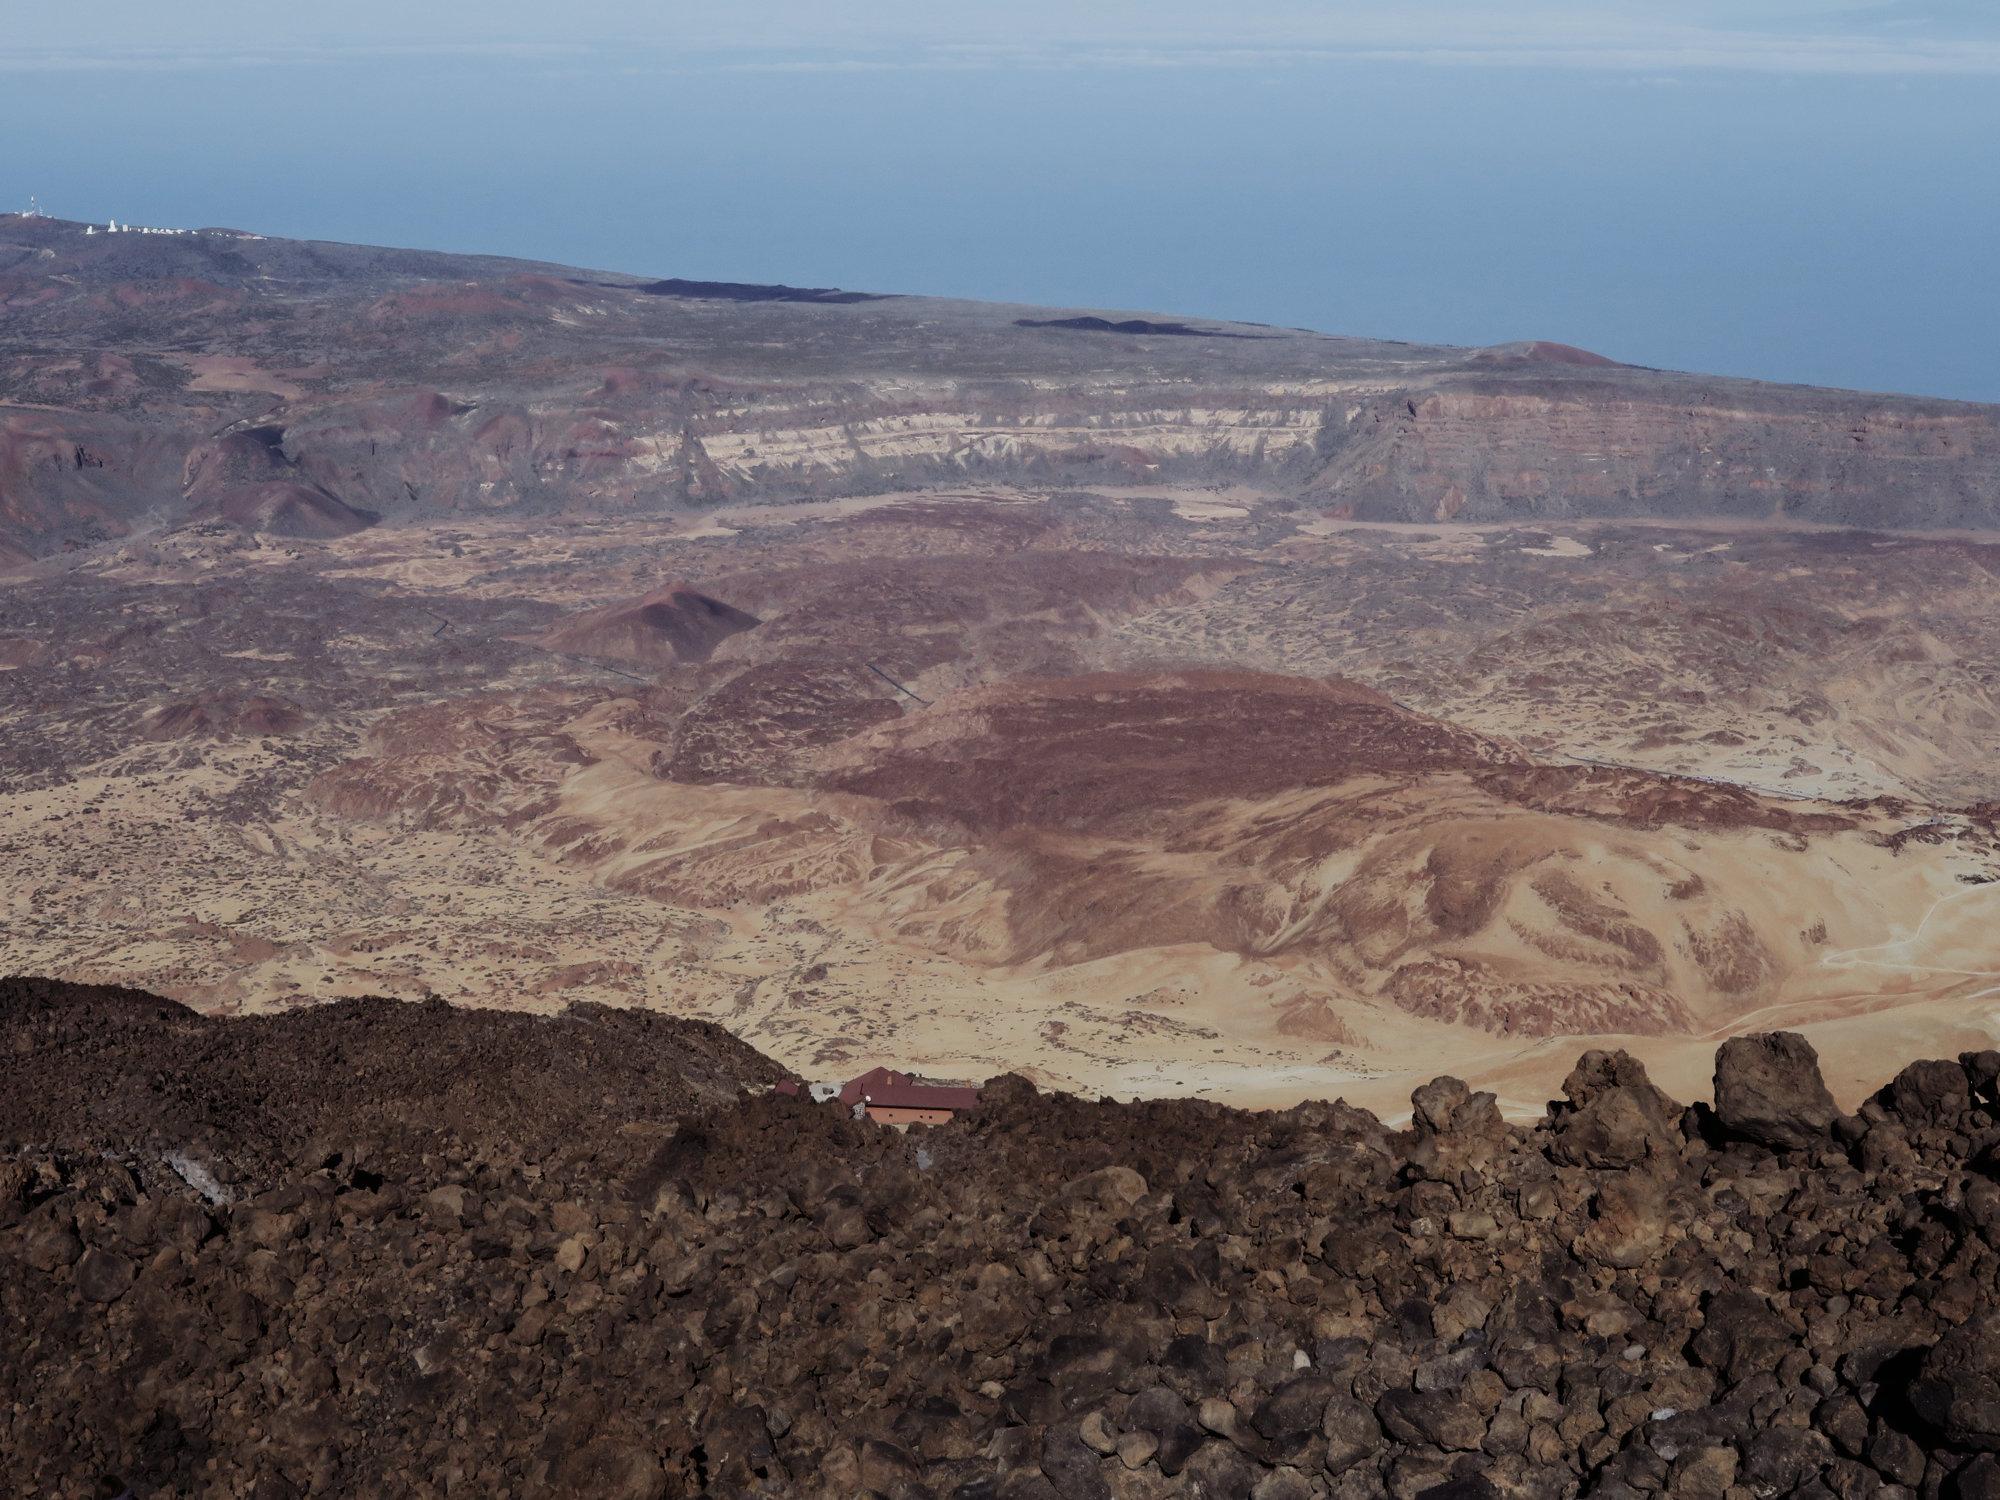 Von hier oben sieht man den Caldera Krater in all seiner Dimension. Und die kleine Altavista Hütte, Teide, Teneriffa